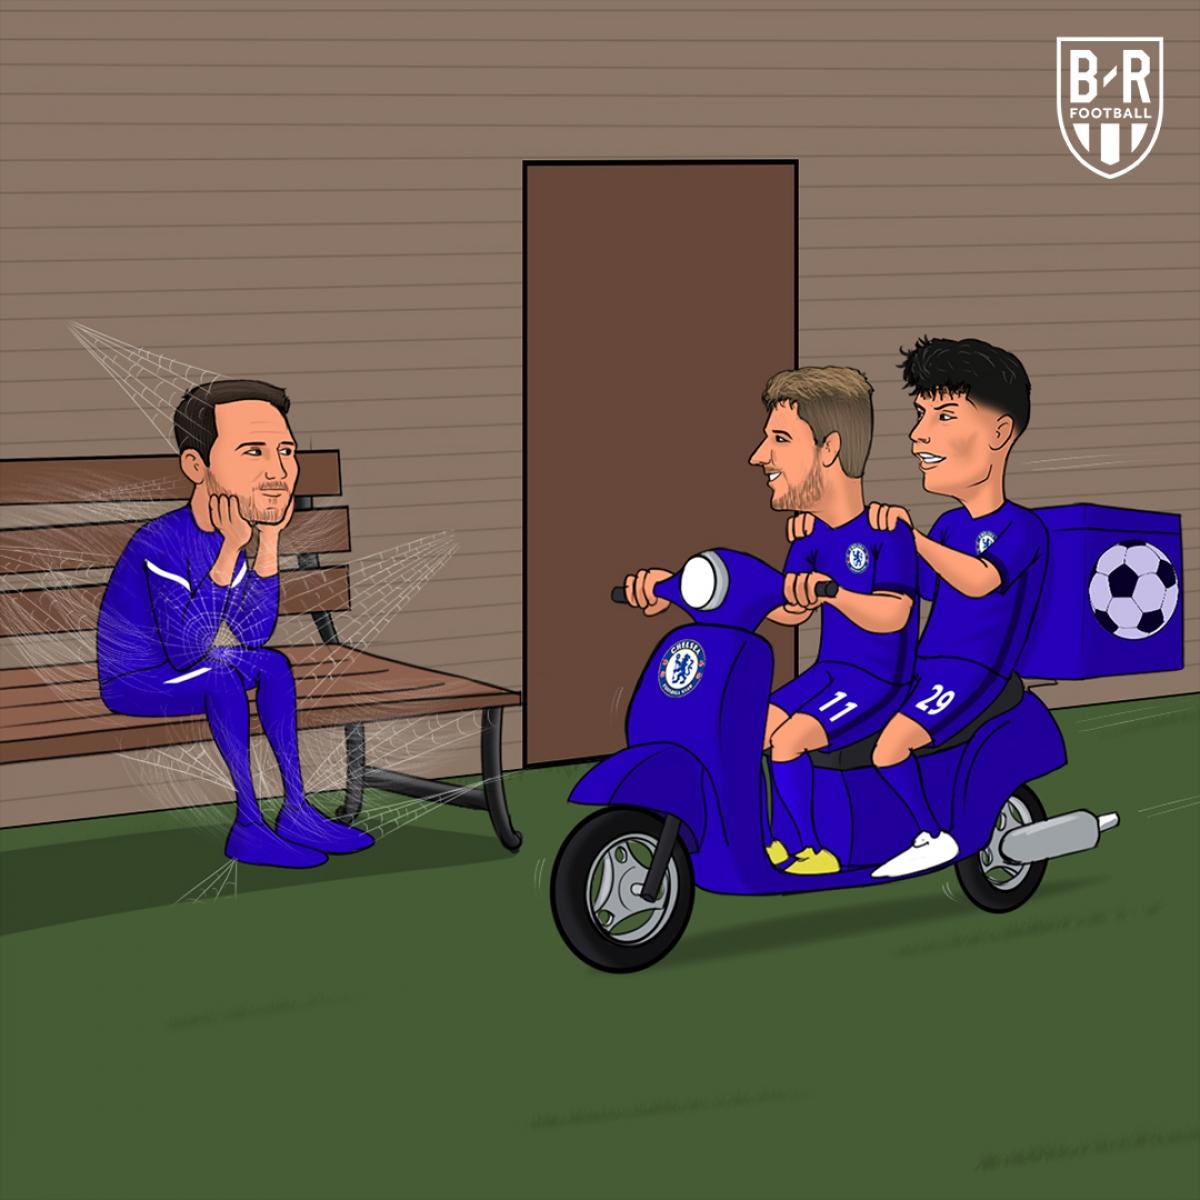 HLV Lampard bớt lo khi bộ đôiKai Havertz và Timo Werner nổ súng trở lại.